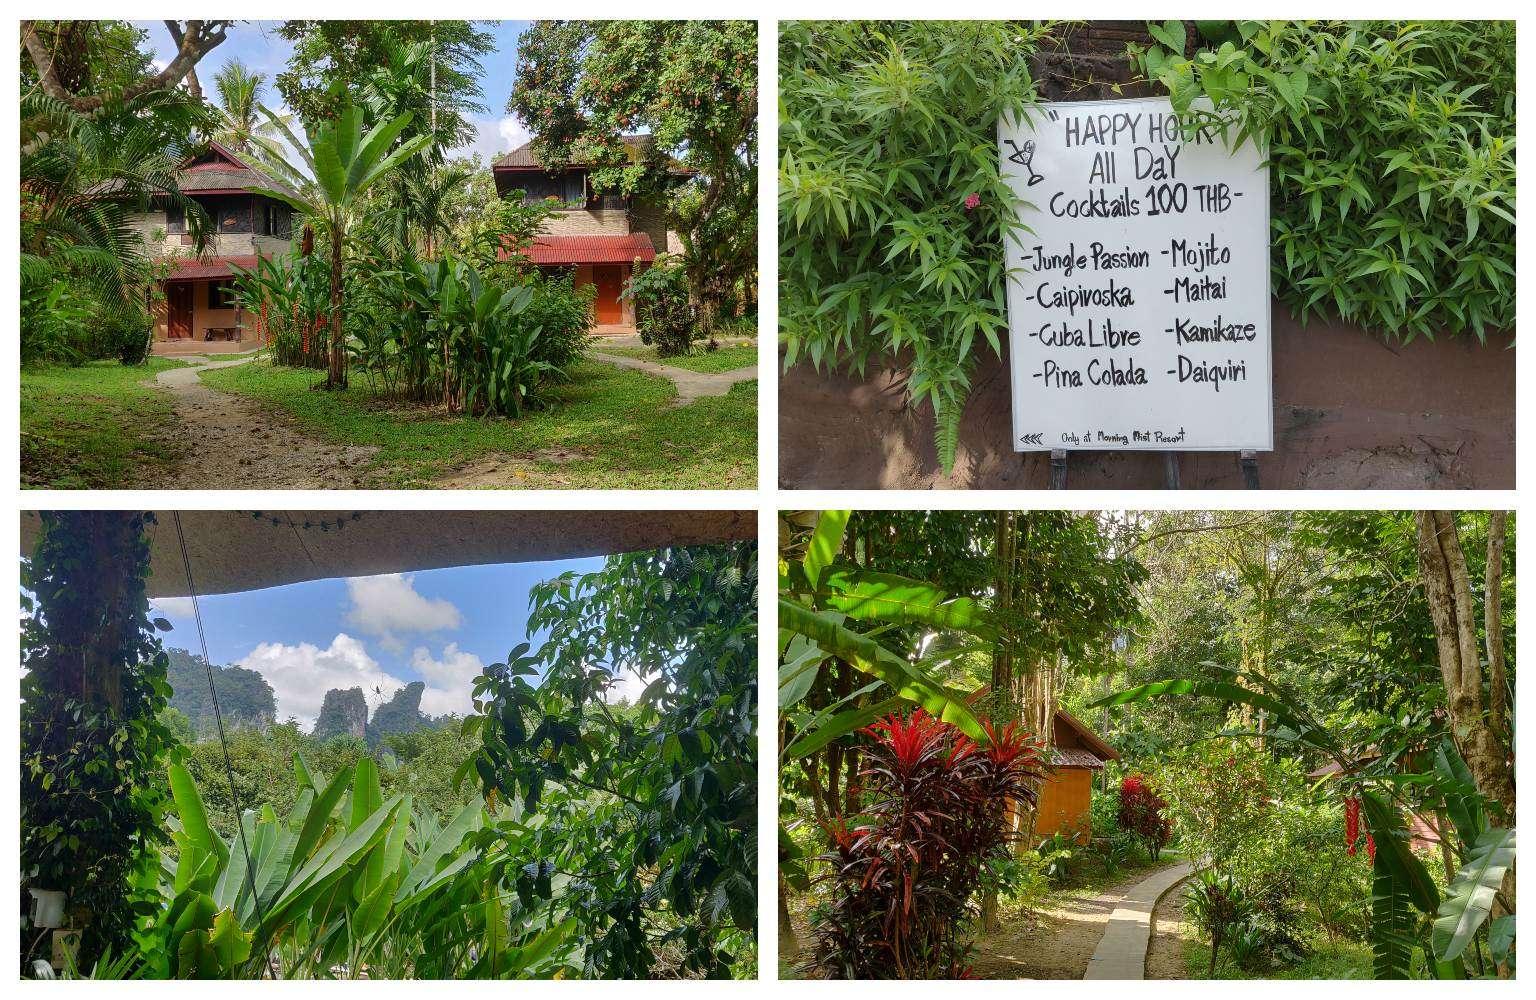 Sfeerimpressie van het Morning Mist Resort in Khao Sok, Thailand. De tropische Tuin met prachtige planten, een bord met daarop happy hour all day (cocktails 100 Baht), het uitzicht op de bergen van Khao Sok en twee bungalows